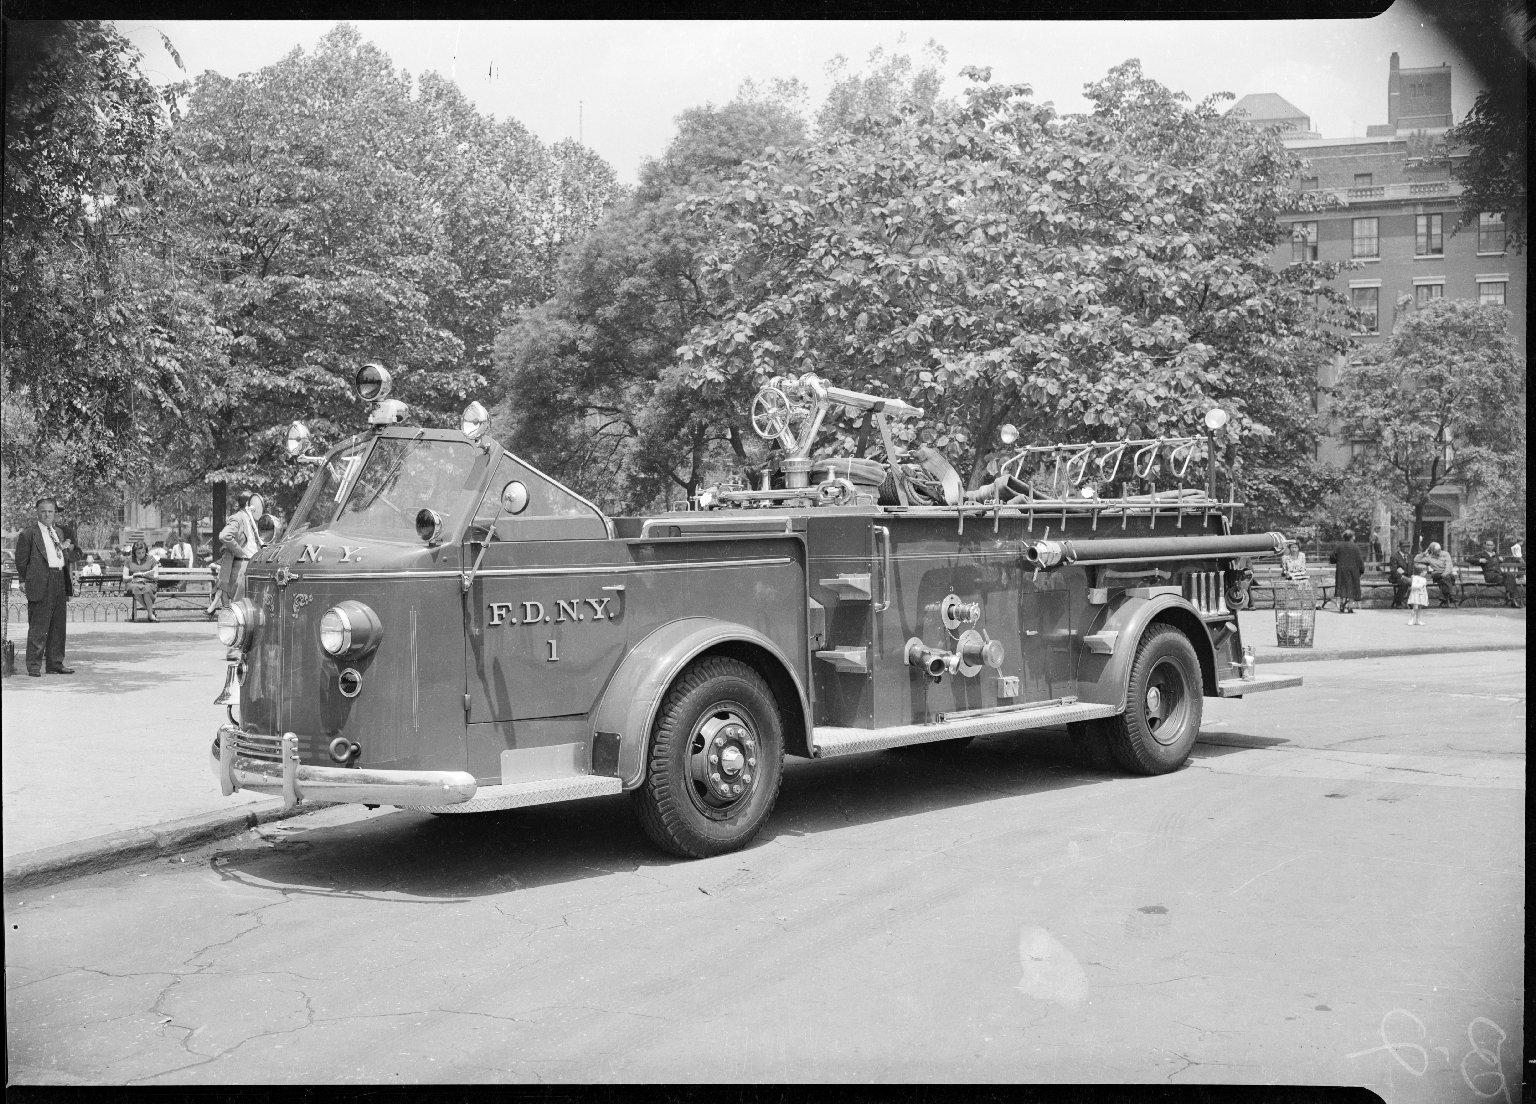 Пожарный автомобиль Mack Boyd Scout Wagon, Нью-Йорк, США. 1913 год